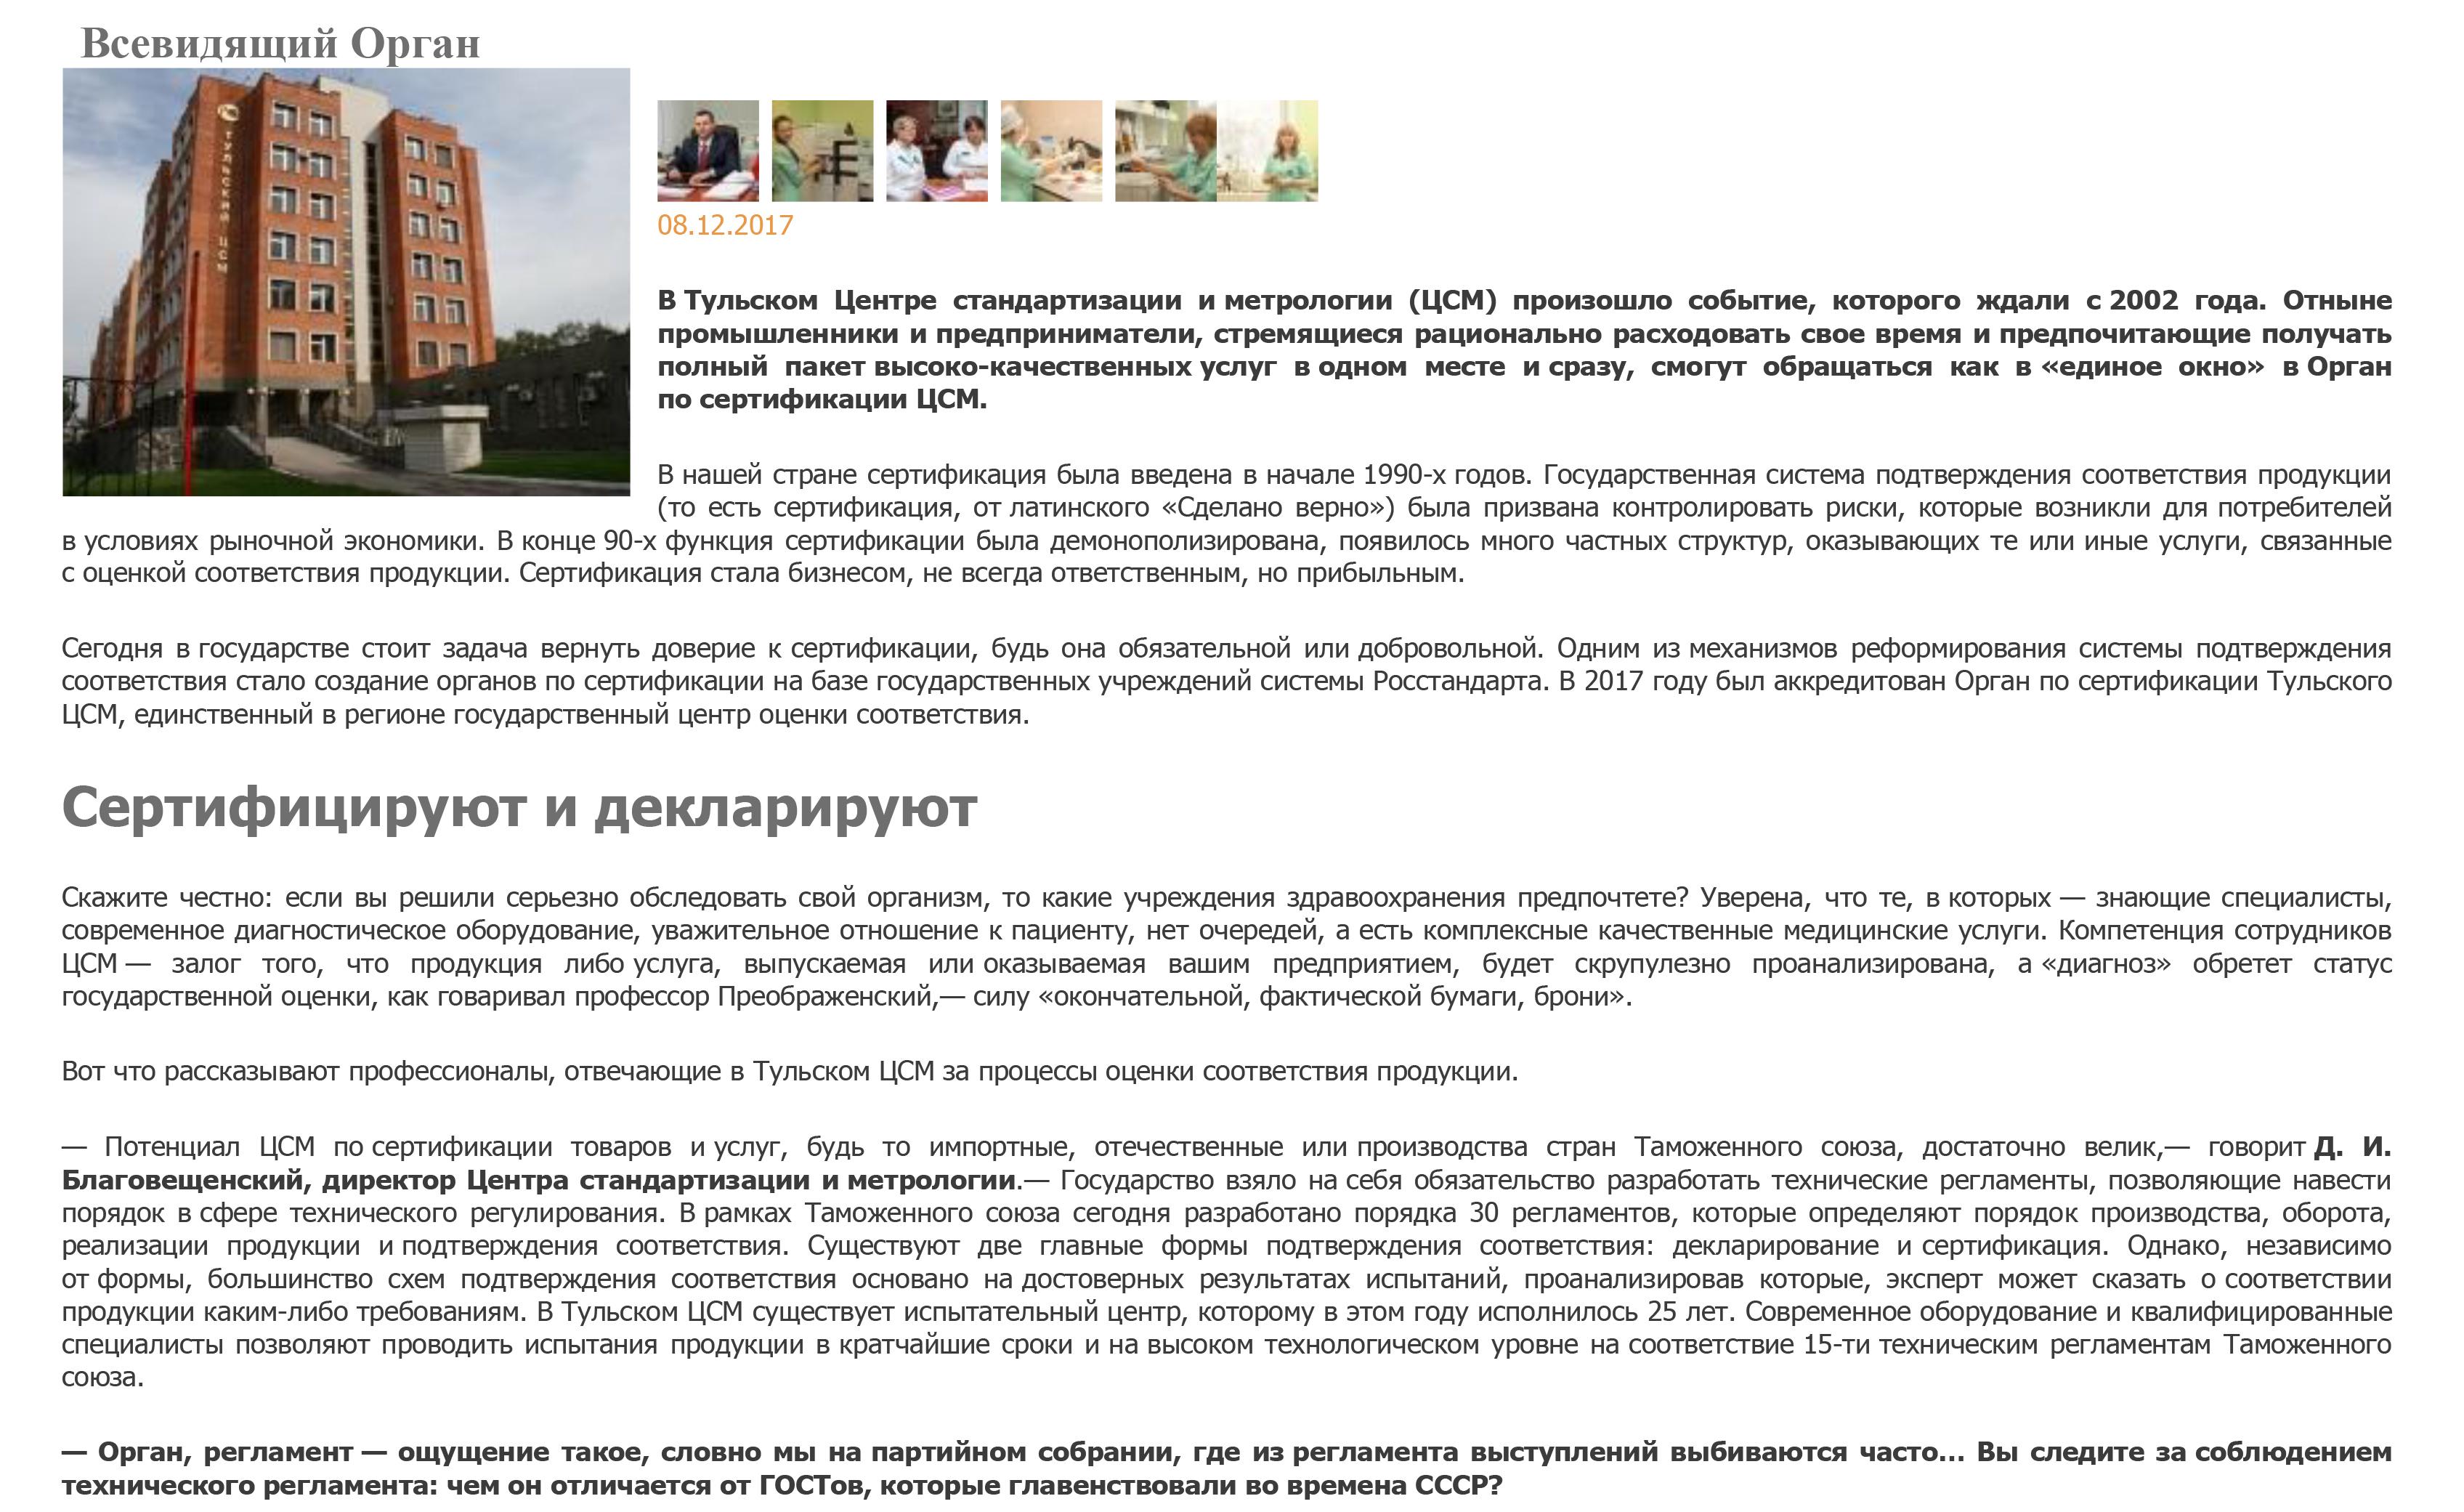 Сми о ФБУ Тульском ЦСМ